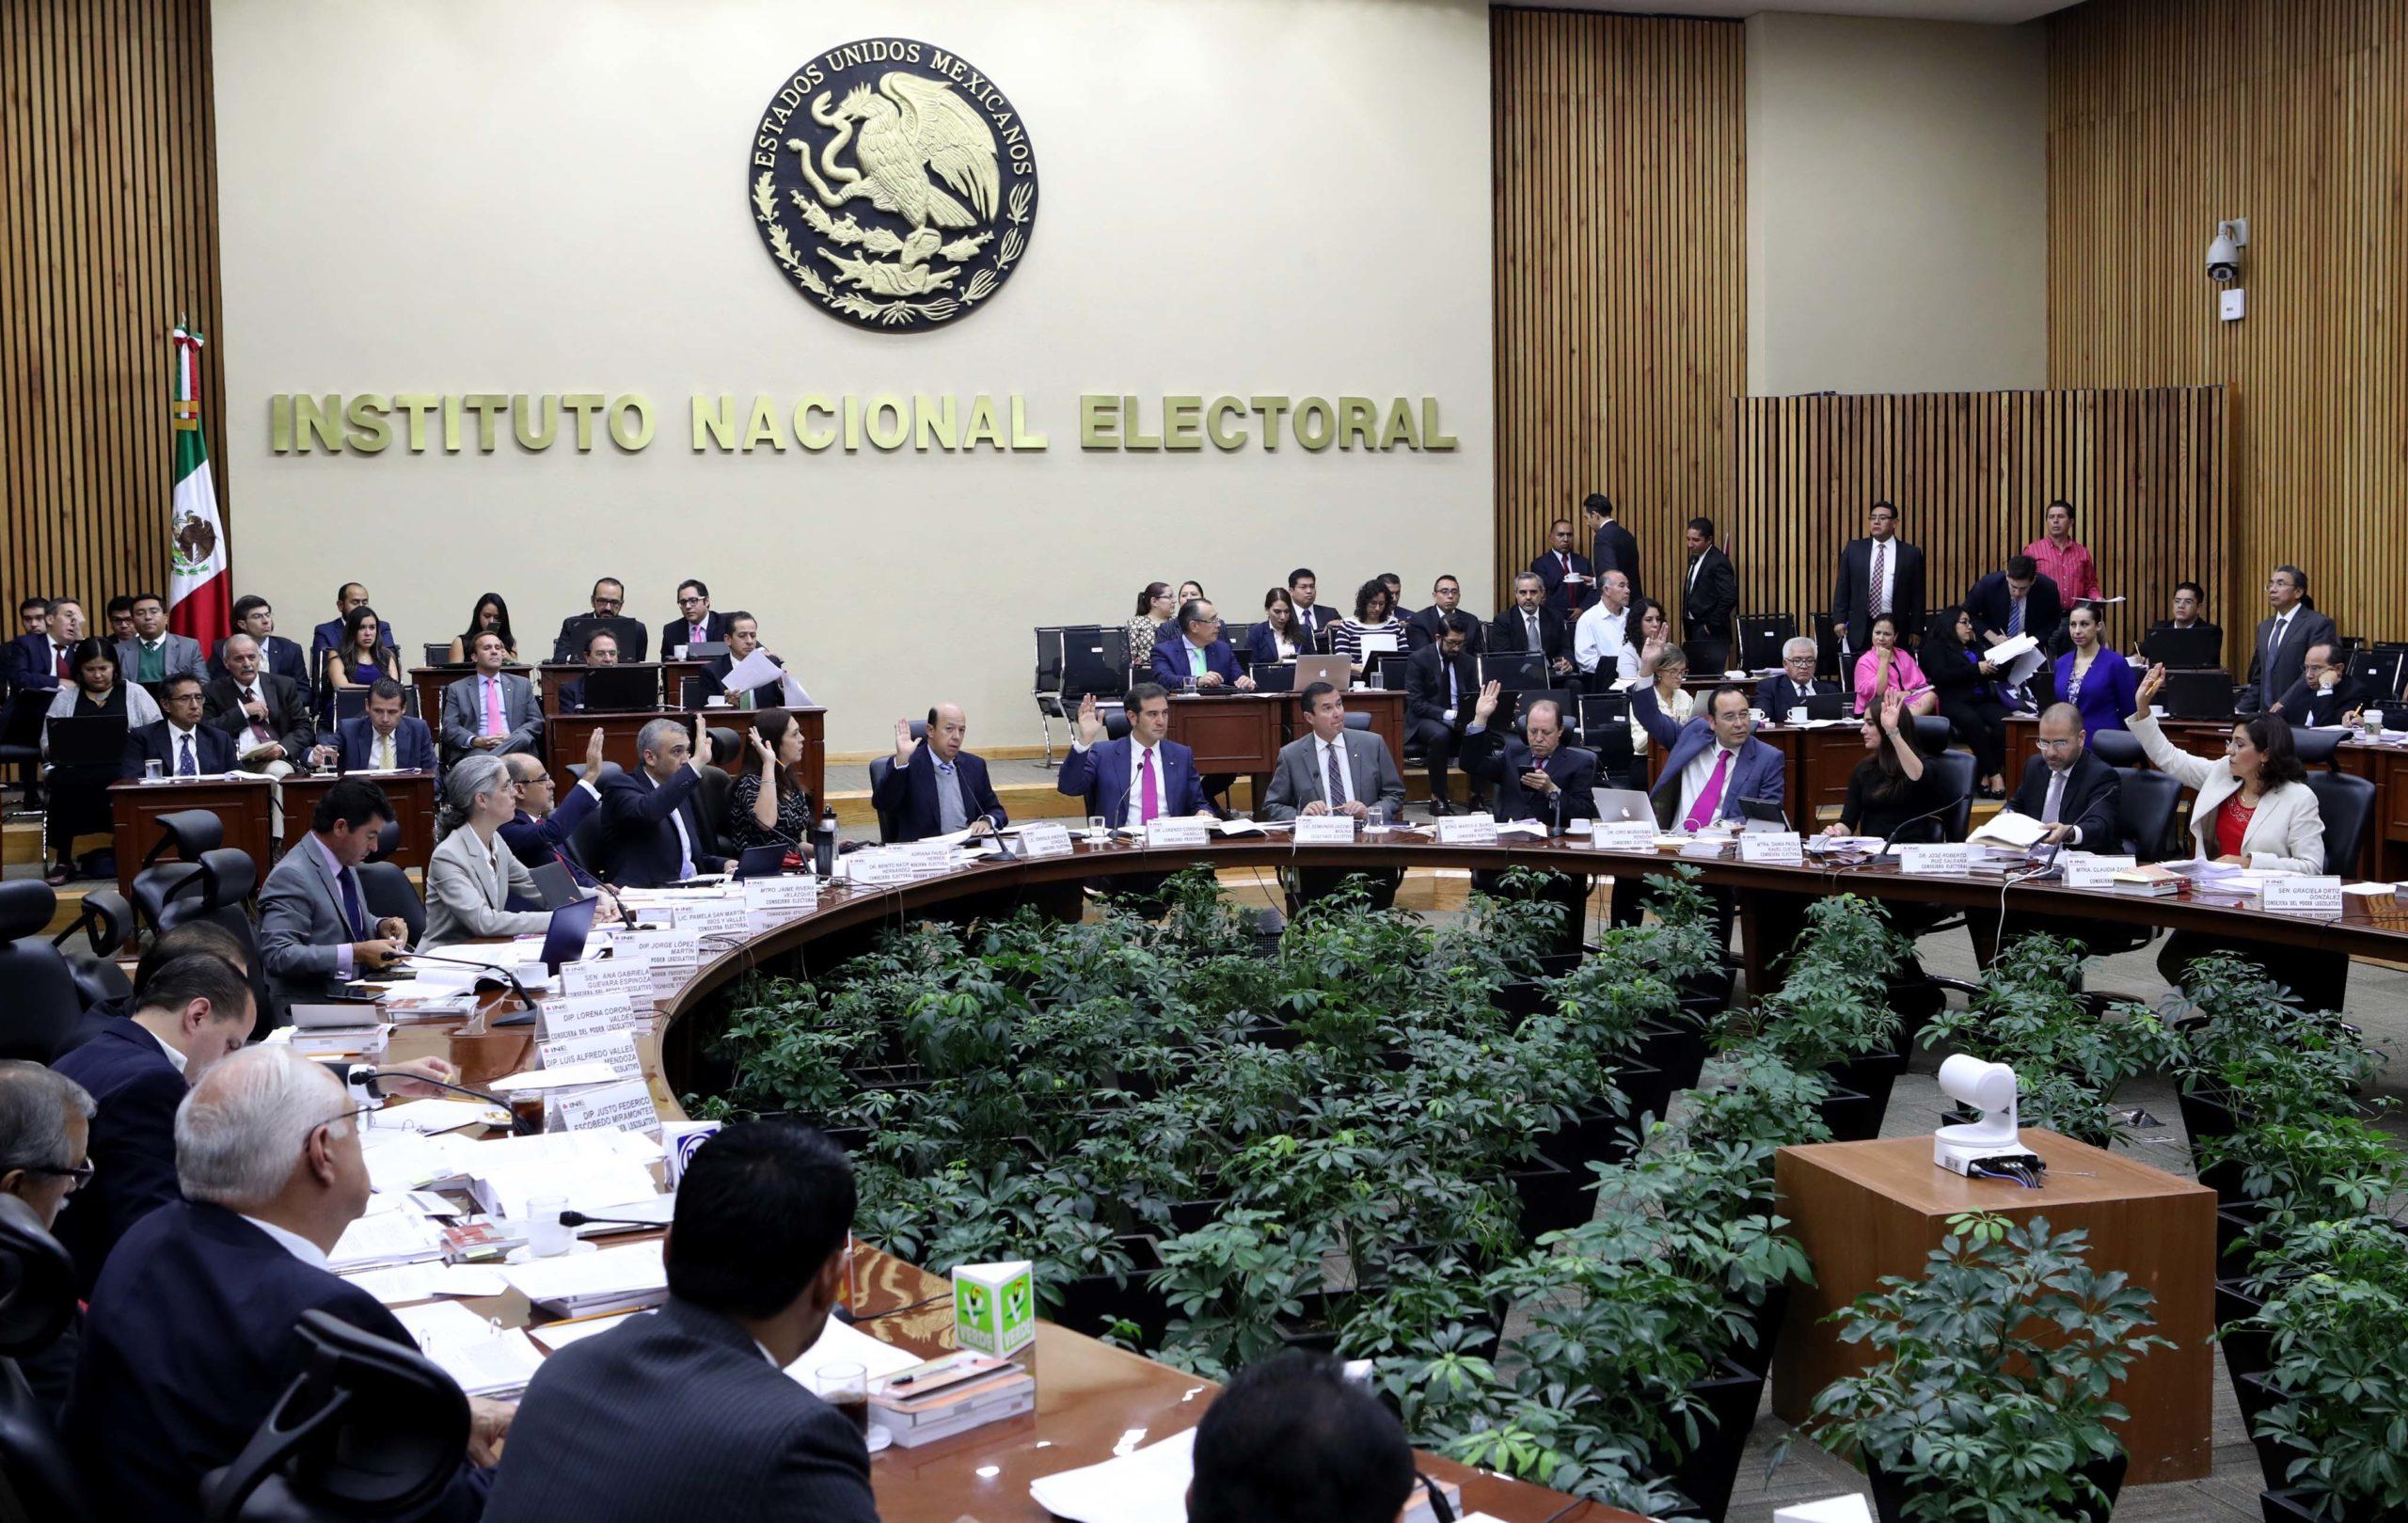 Jucopo de Diputados aprueba 4 consejeros del INE